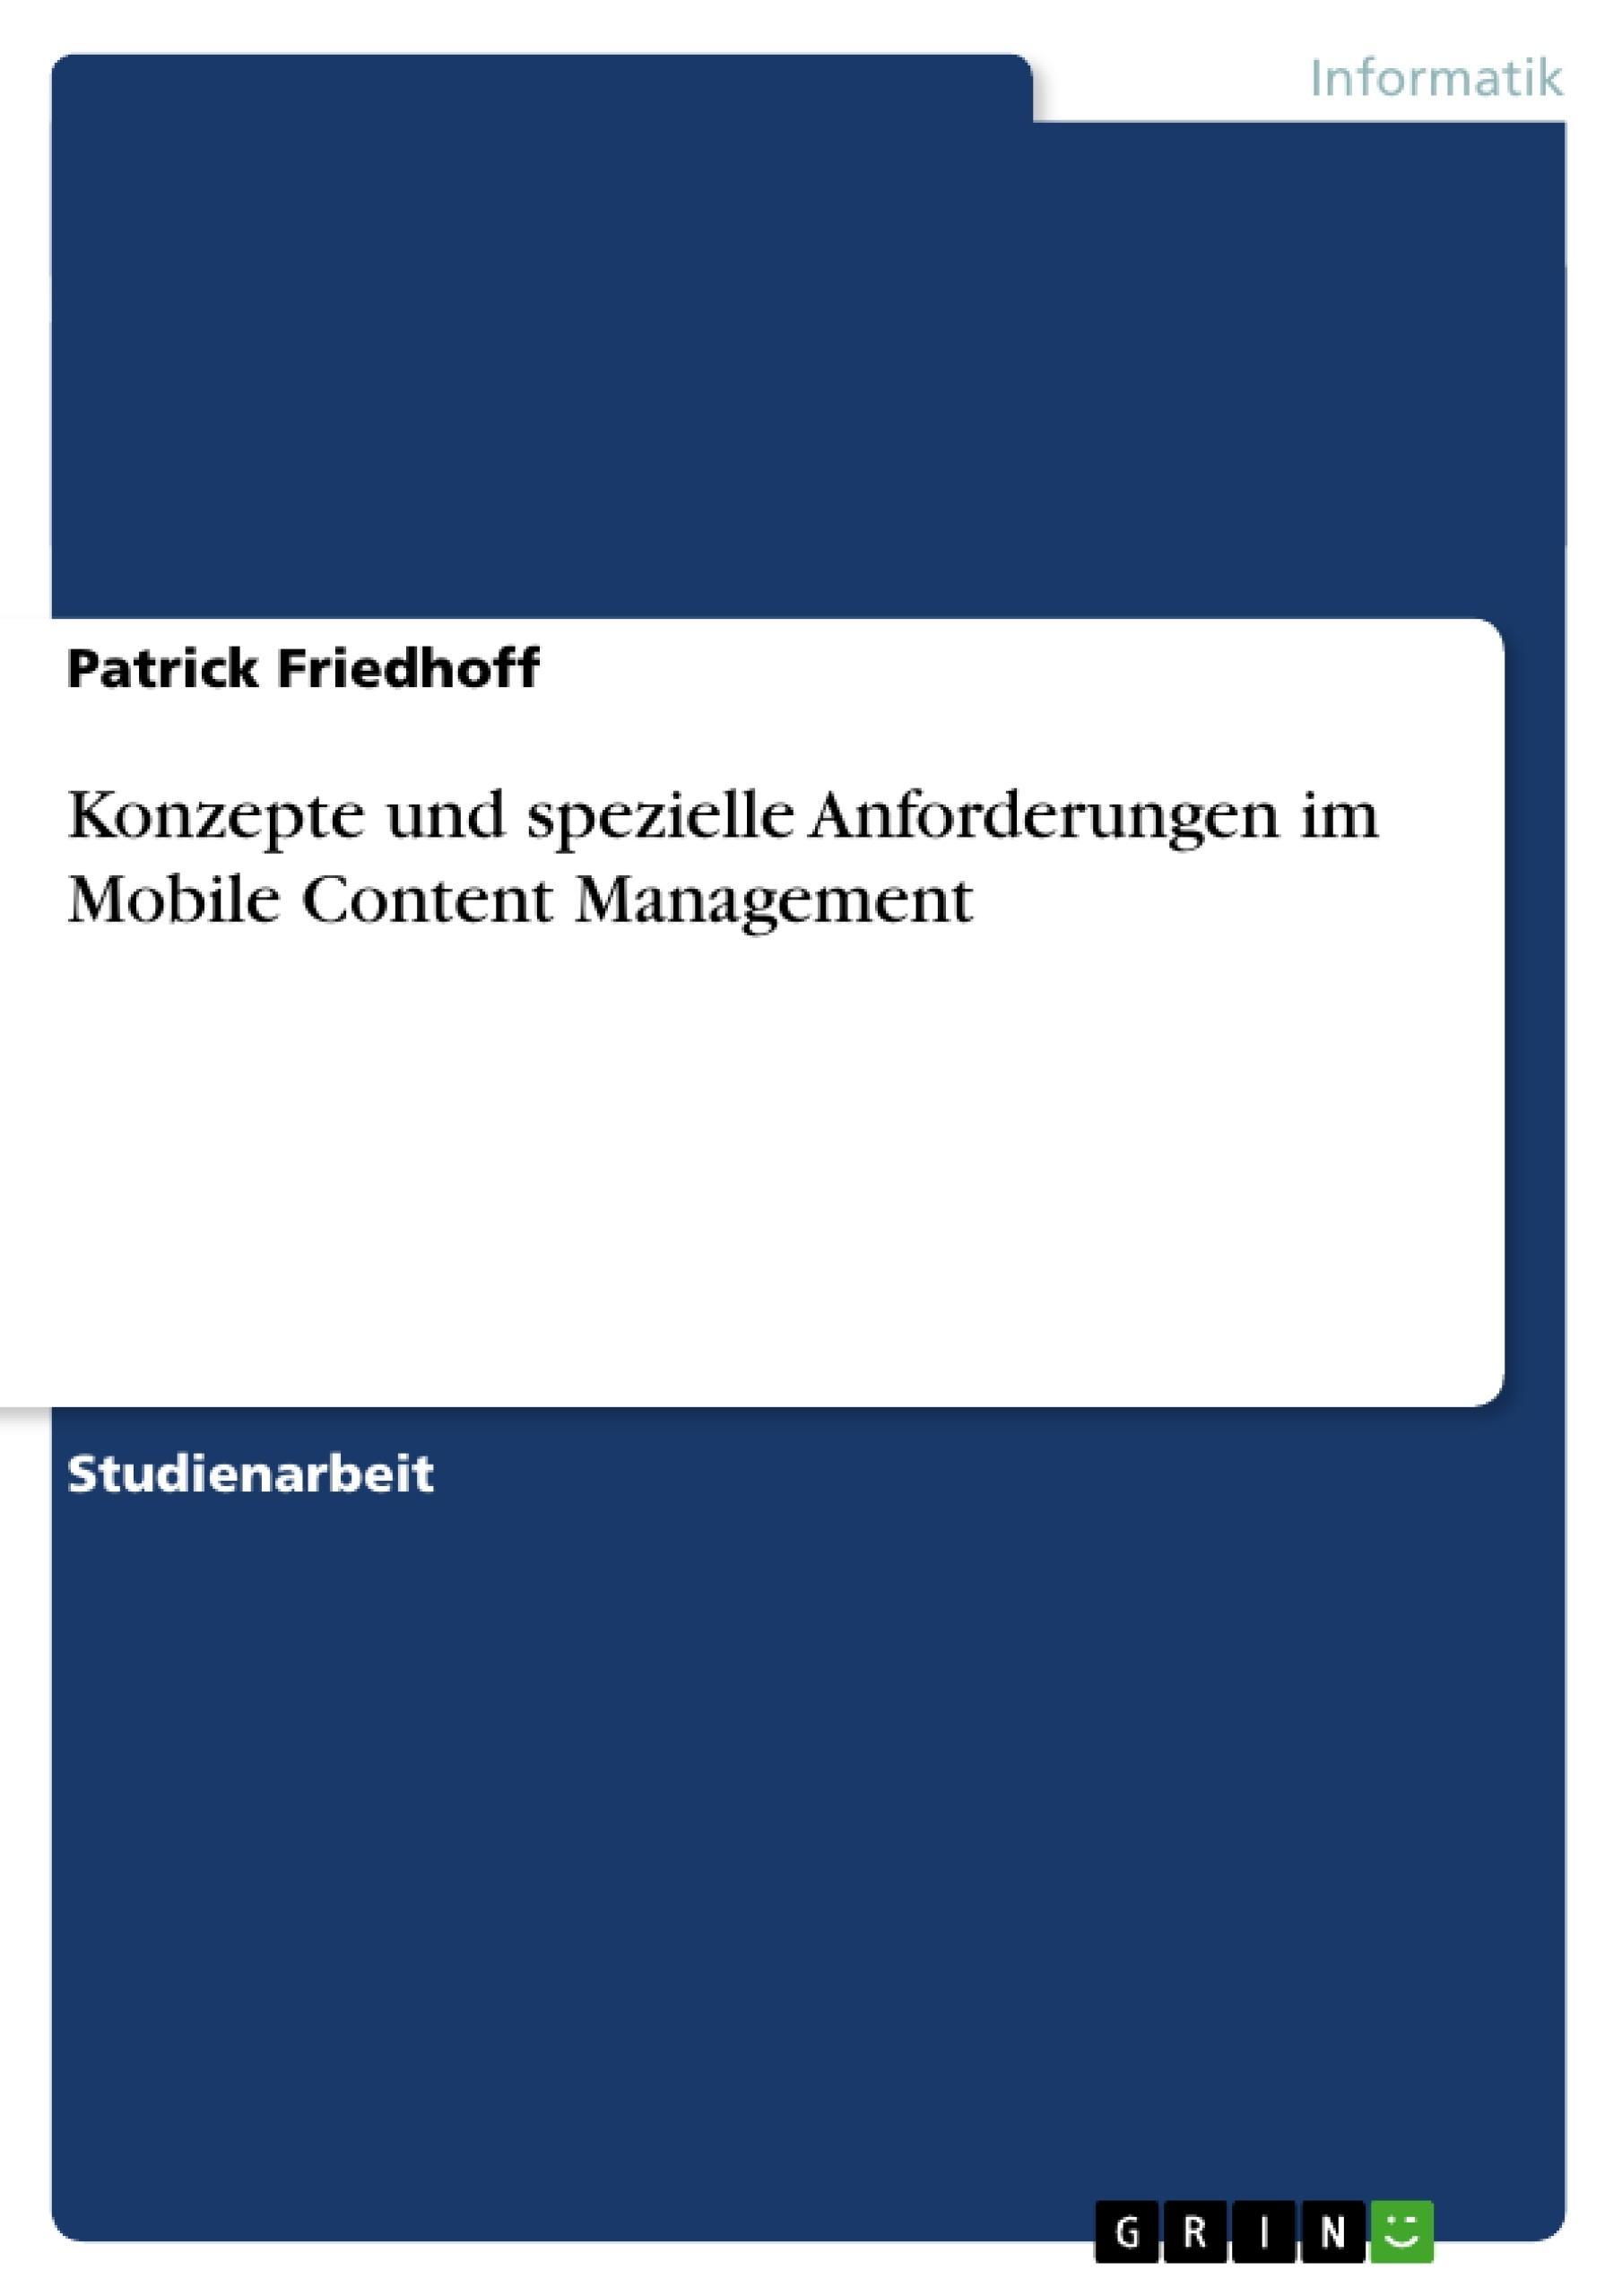 Titel: Konzepte und spezielle Anforderungen im Mobile Content Management